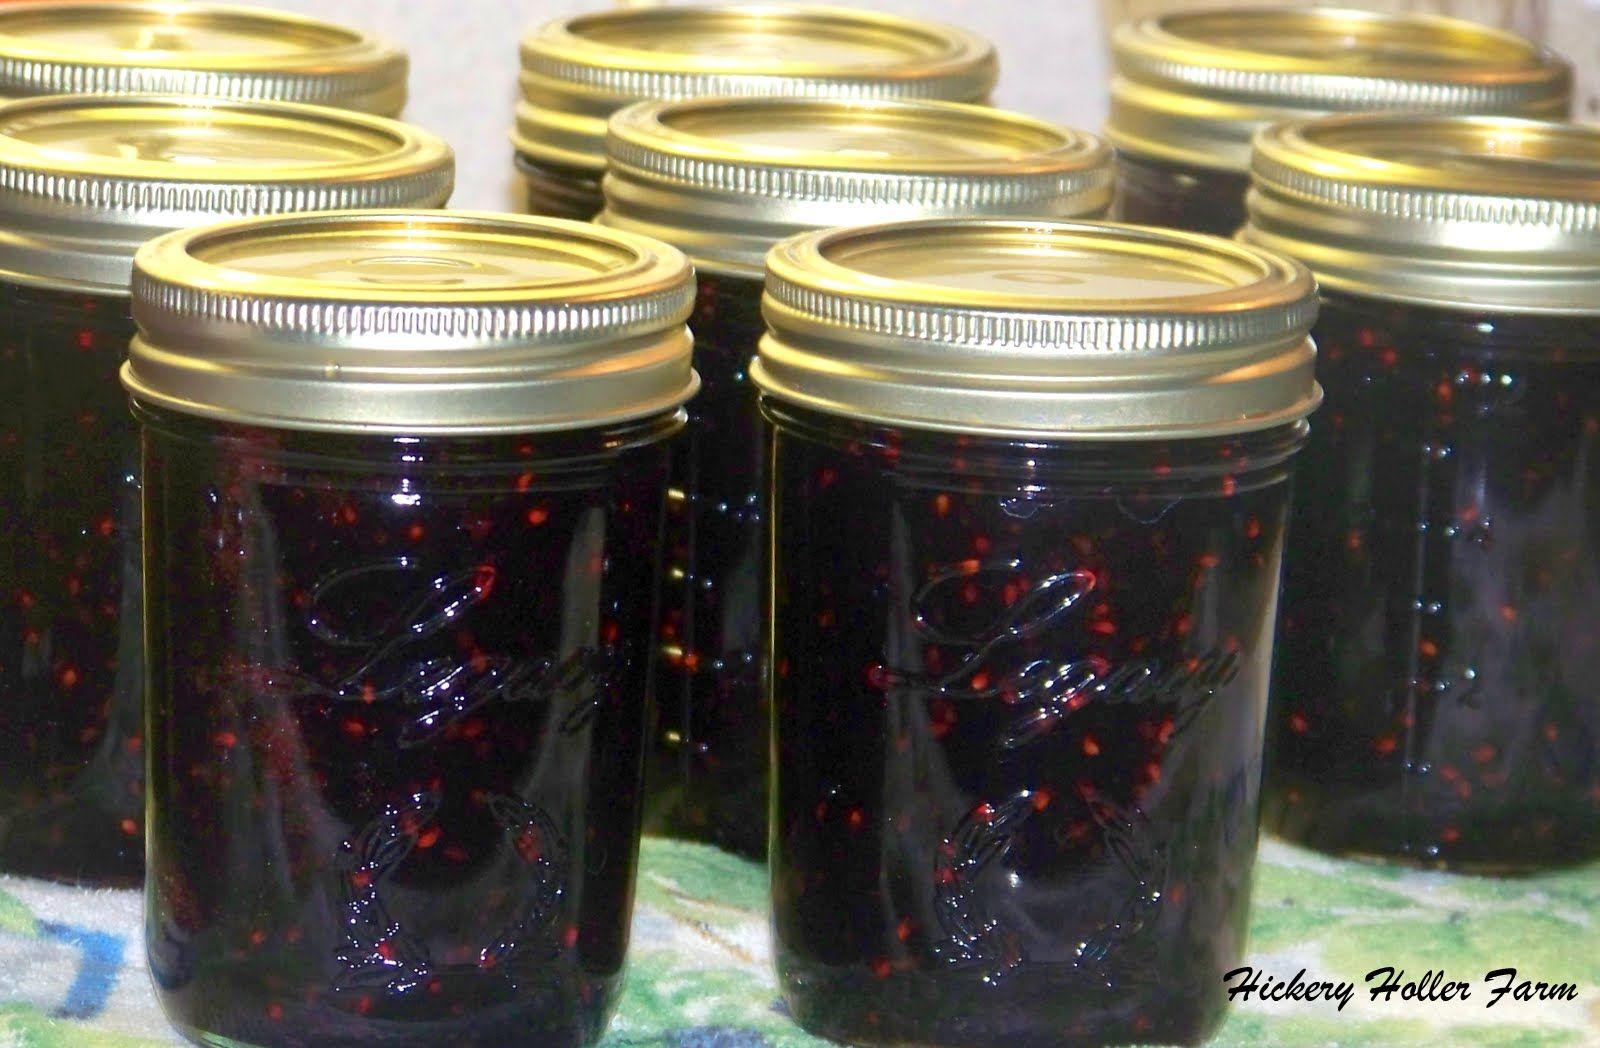 Hickery holler farm blackberries for christmas